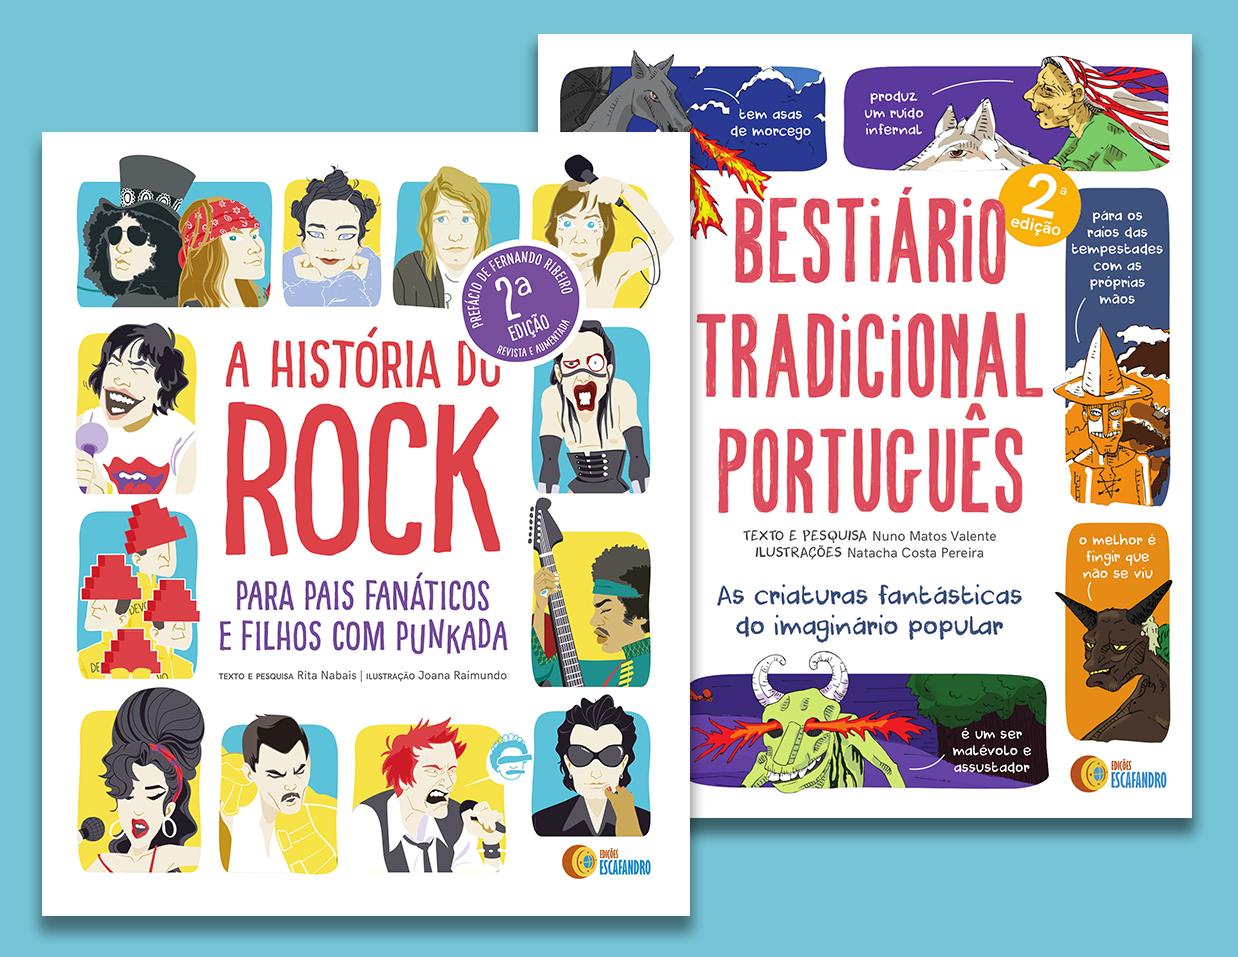 A História do Rock + Bestiário Tradicional Português